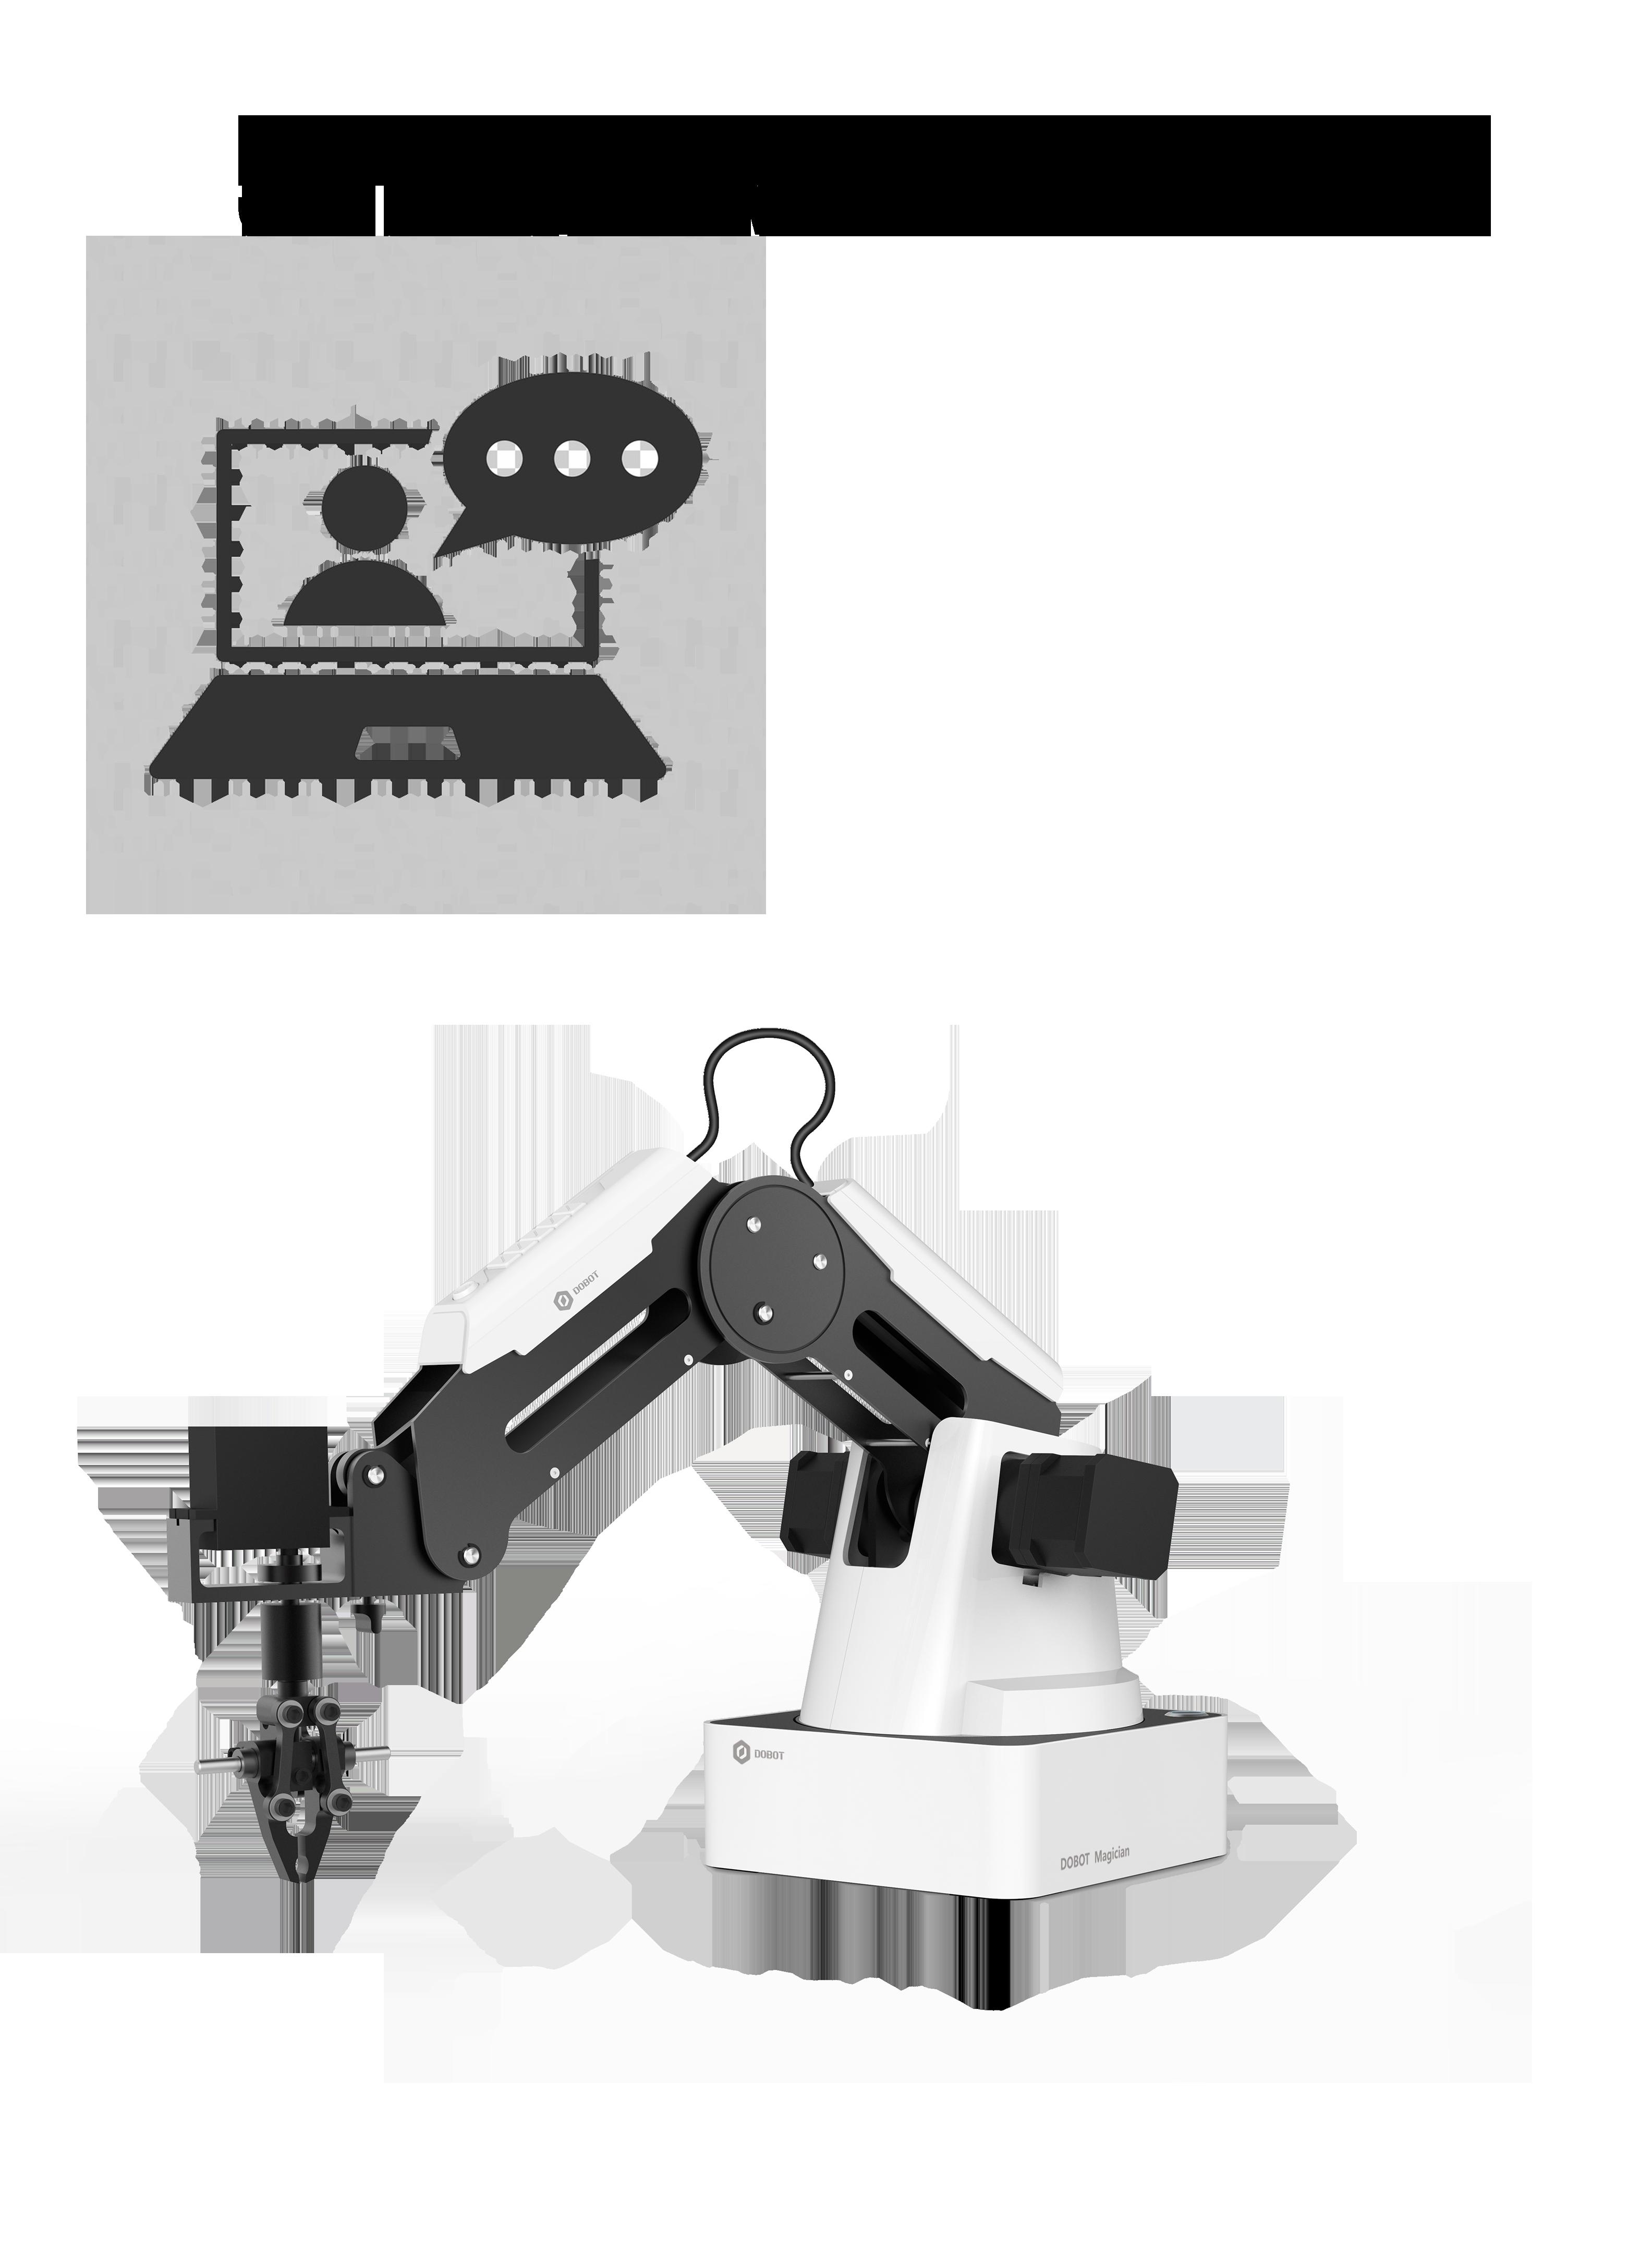 DOBOT Online Training